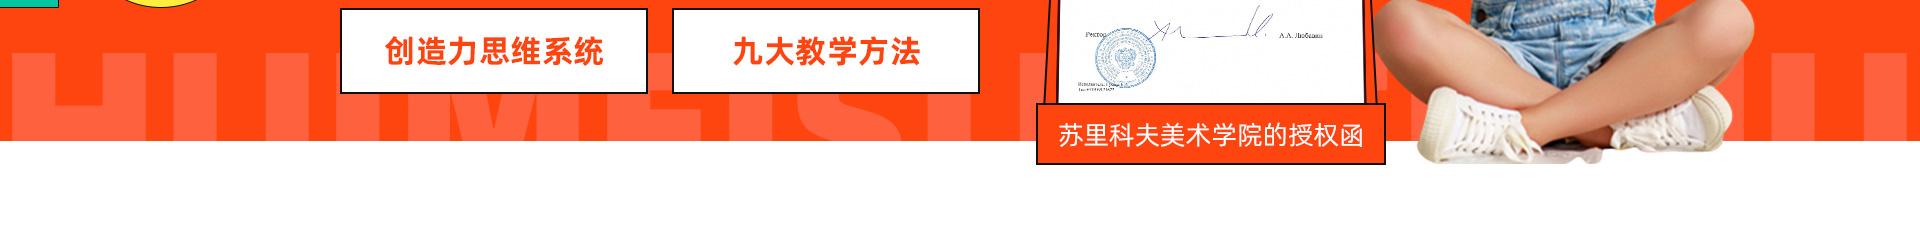 慧美述少儿美术详情_04